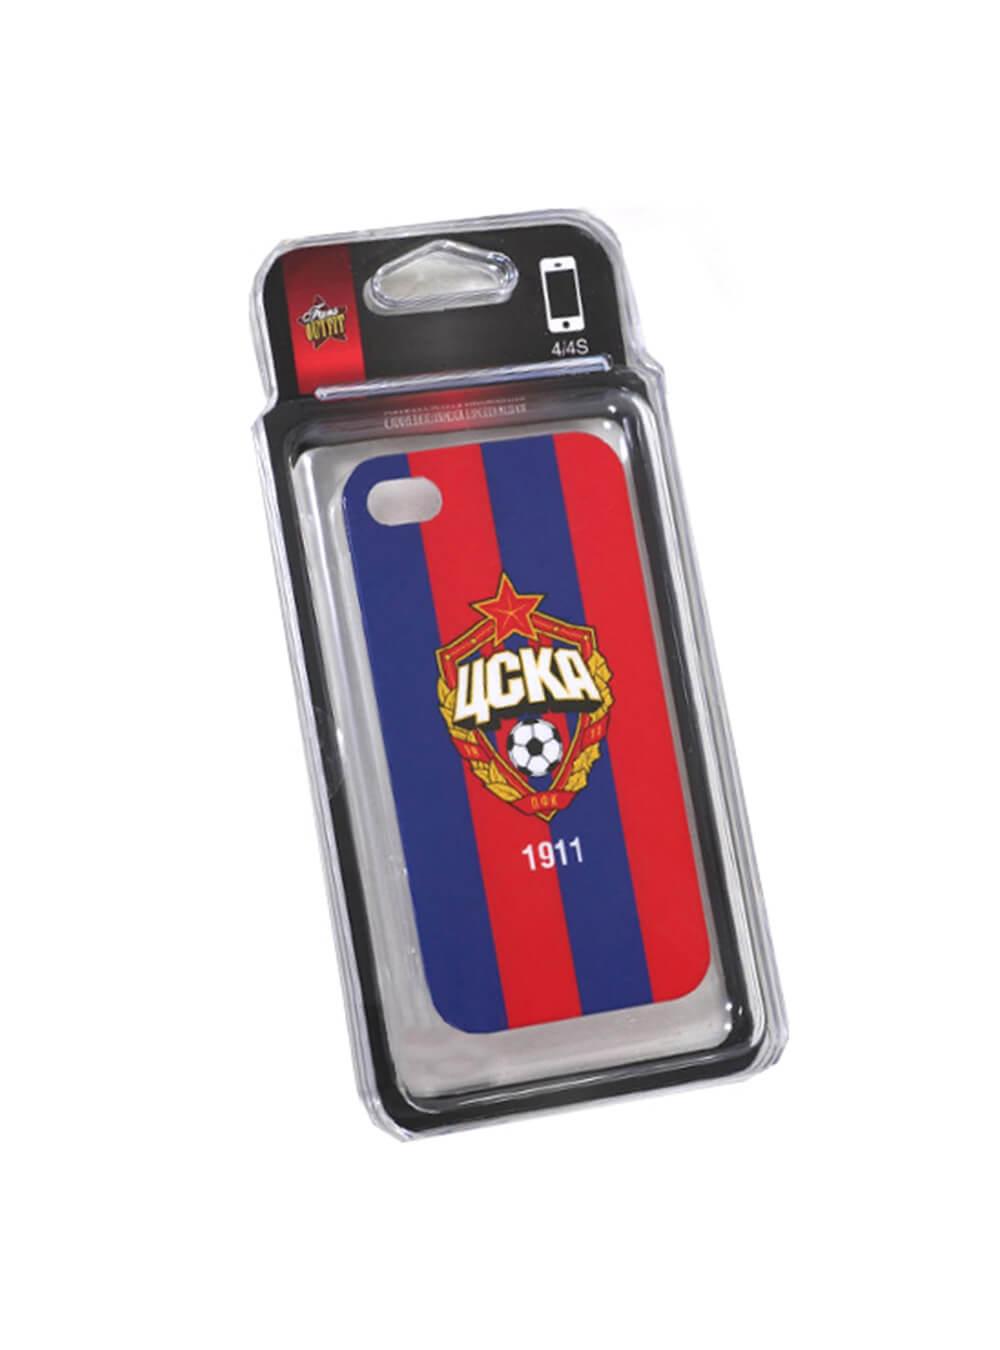 Клип-кейс для iPhone 4/4S красно-синийВсе для мобильного телефона<br>Клип-кейс для iPhone 4/4S красно-синий<br>